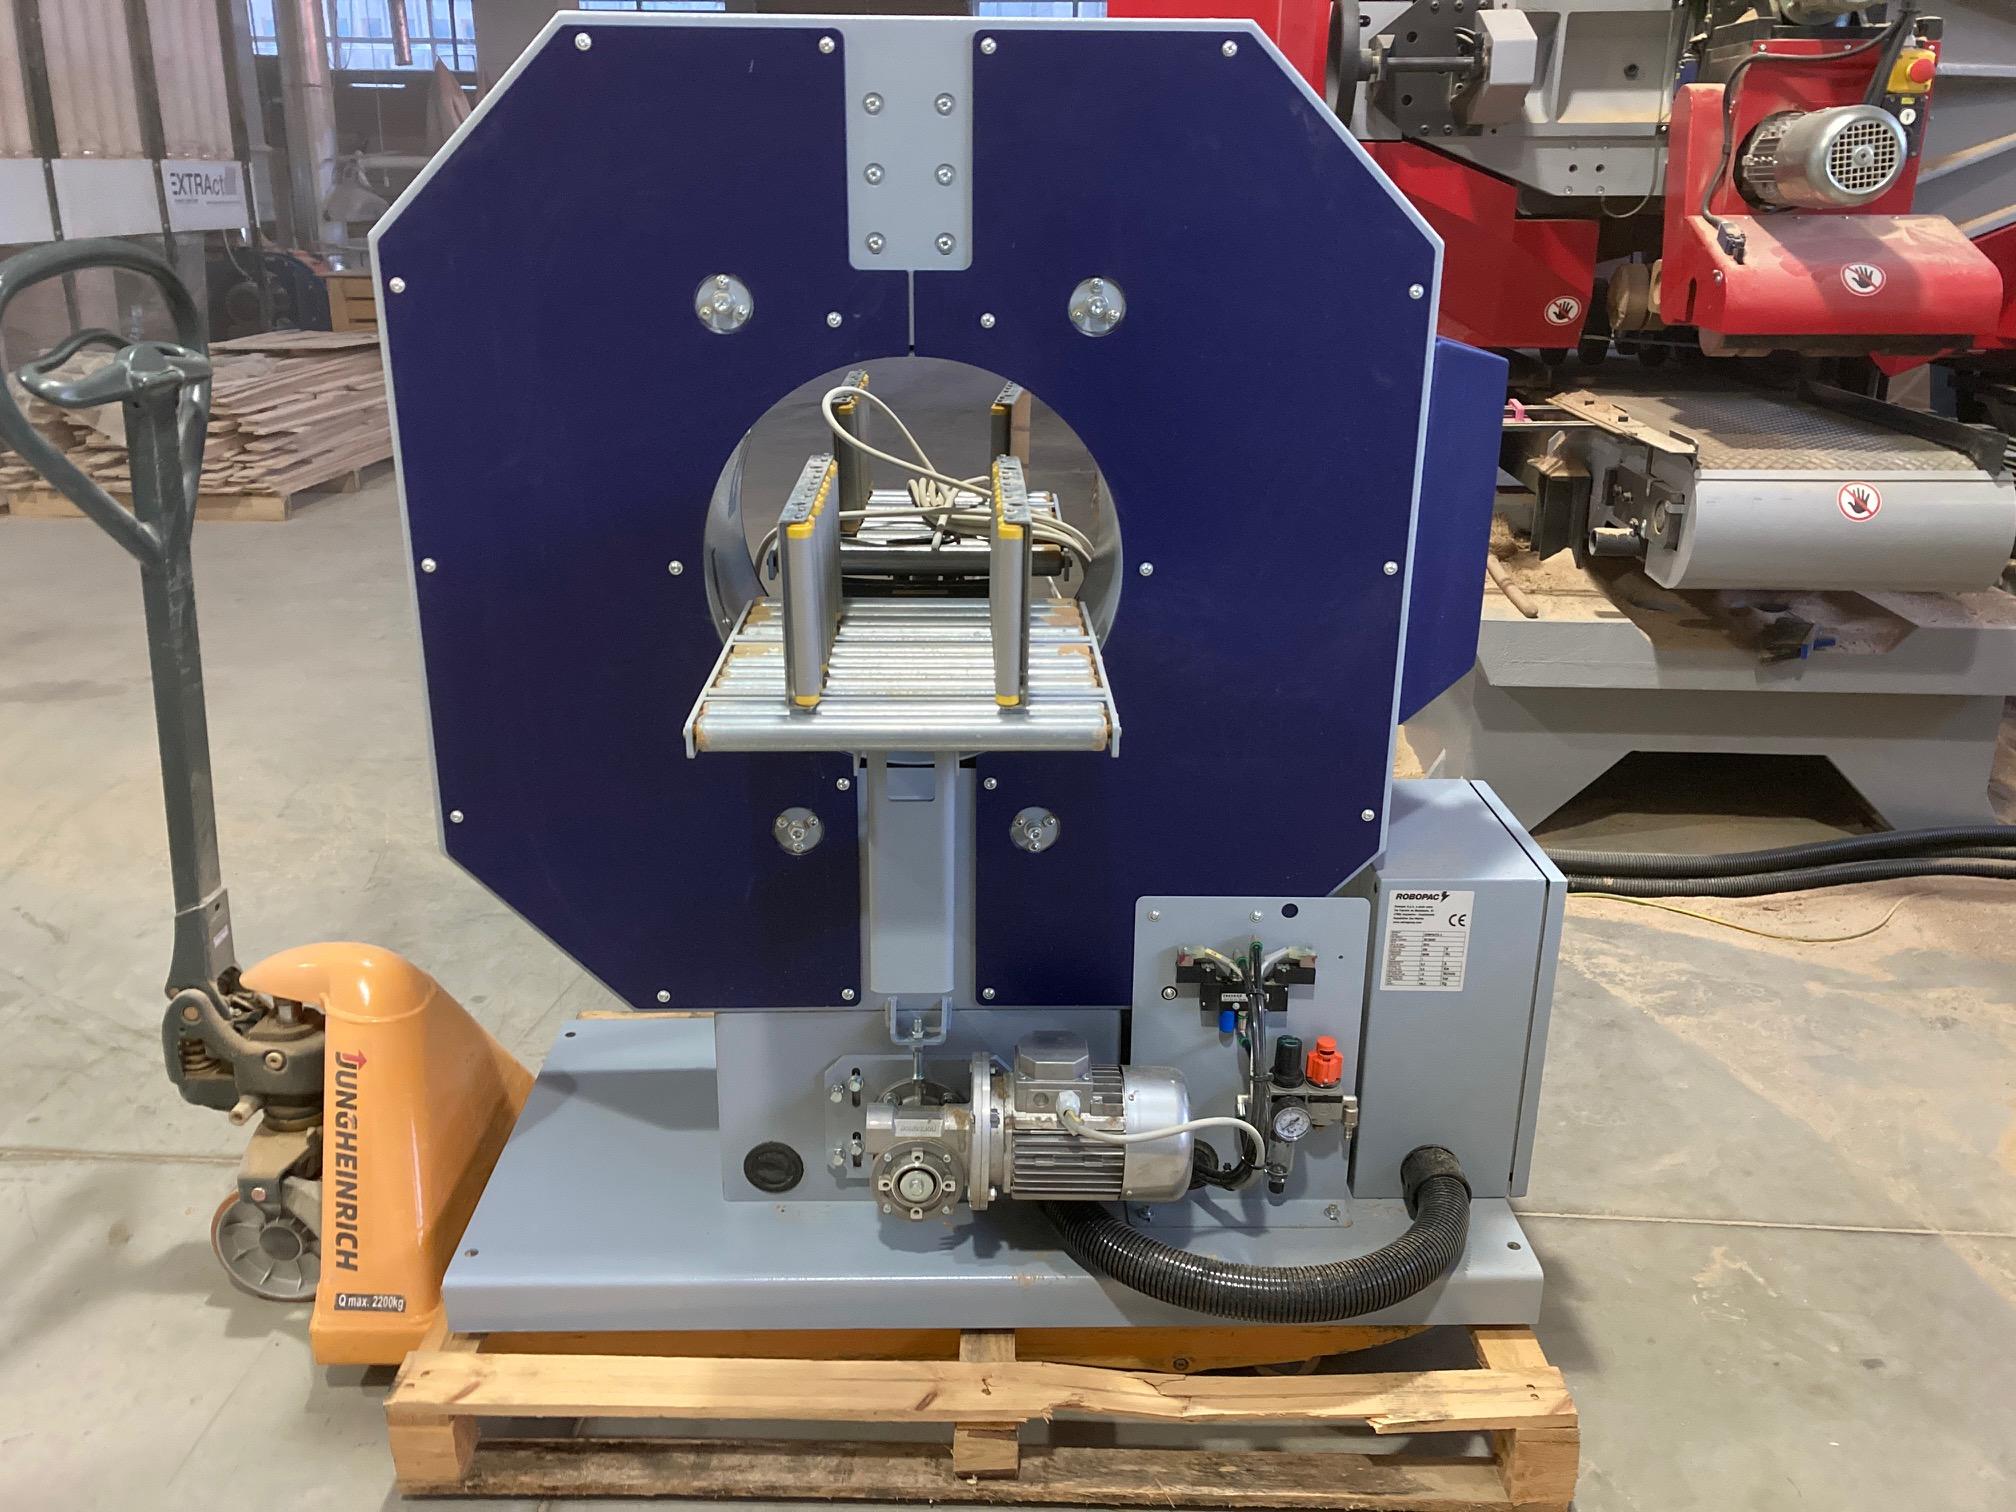 A képen a termék, egy Robopac Compacta 4 - csomagoló gép látható.